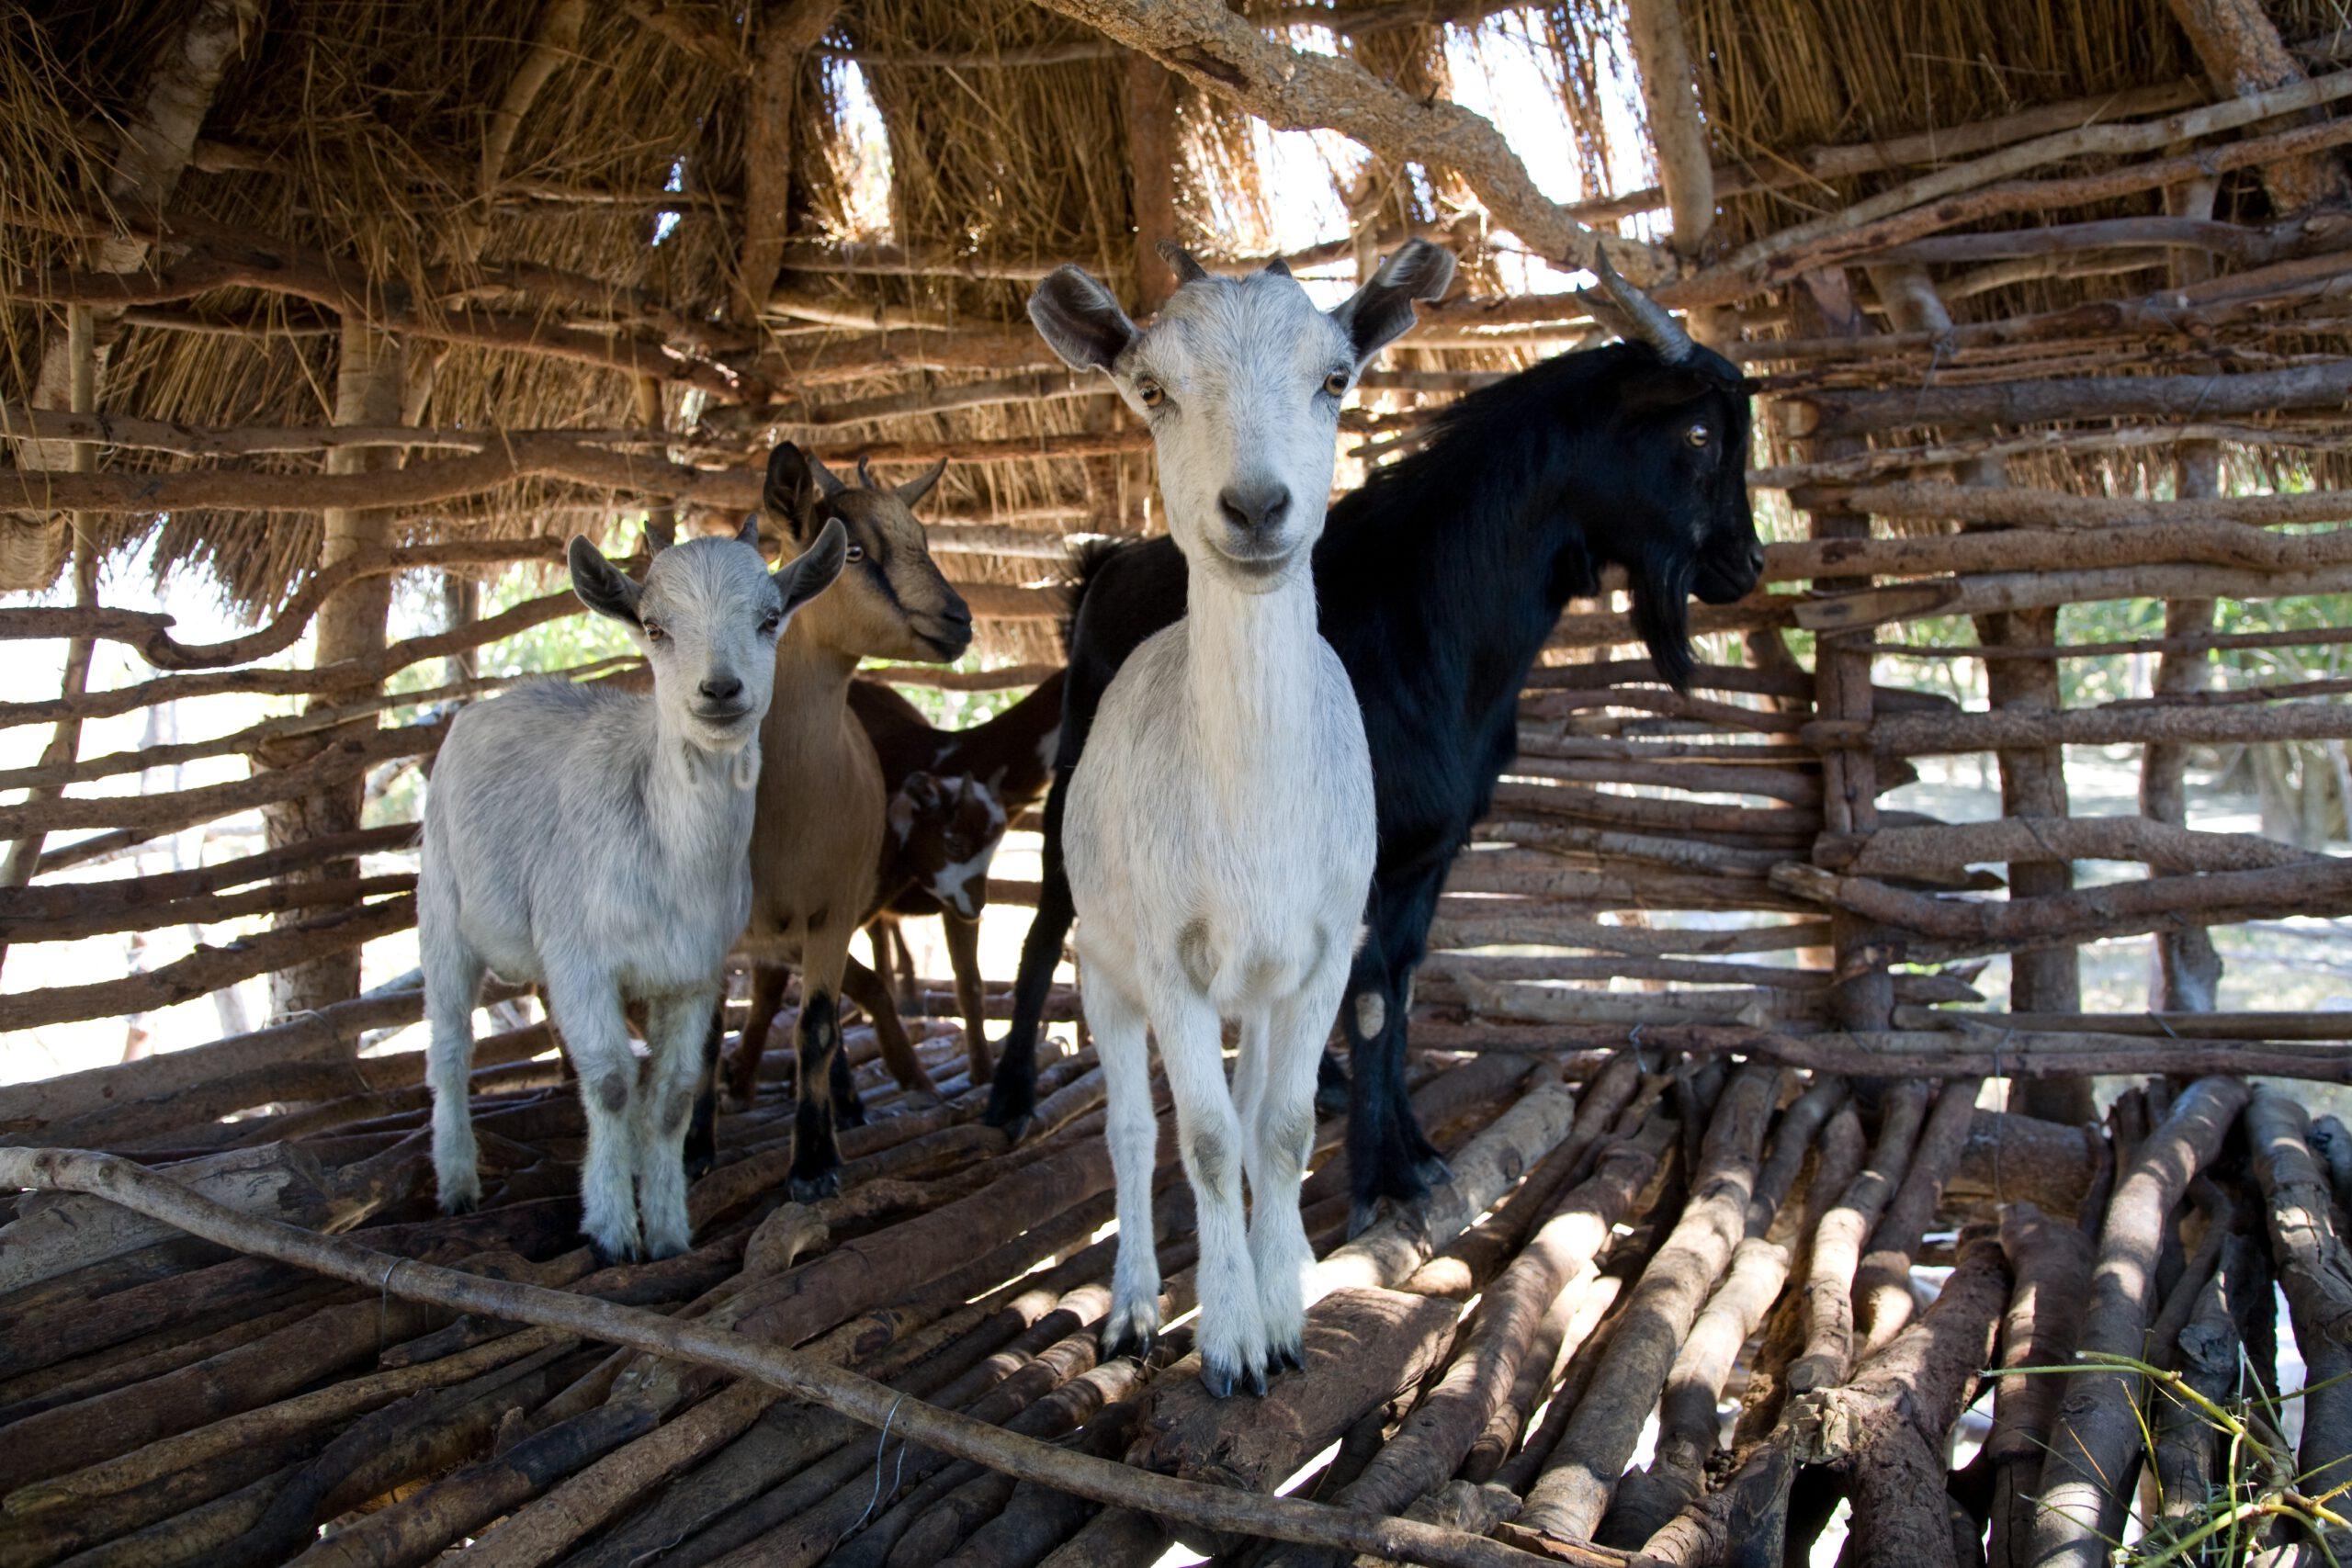 GNO0473_Ziege_Plan International_Bild stammt aus einem ähnlichen Plan-Projekt in Sambia